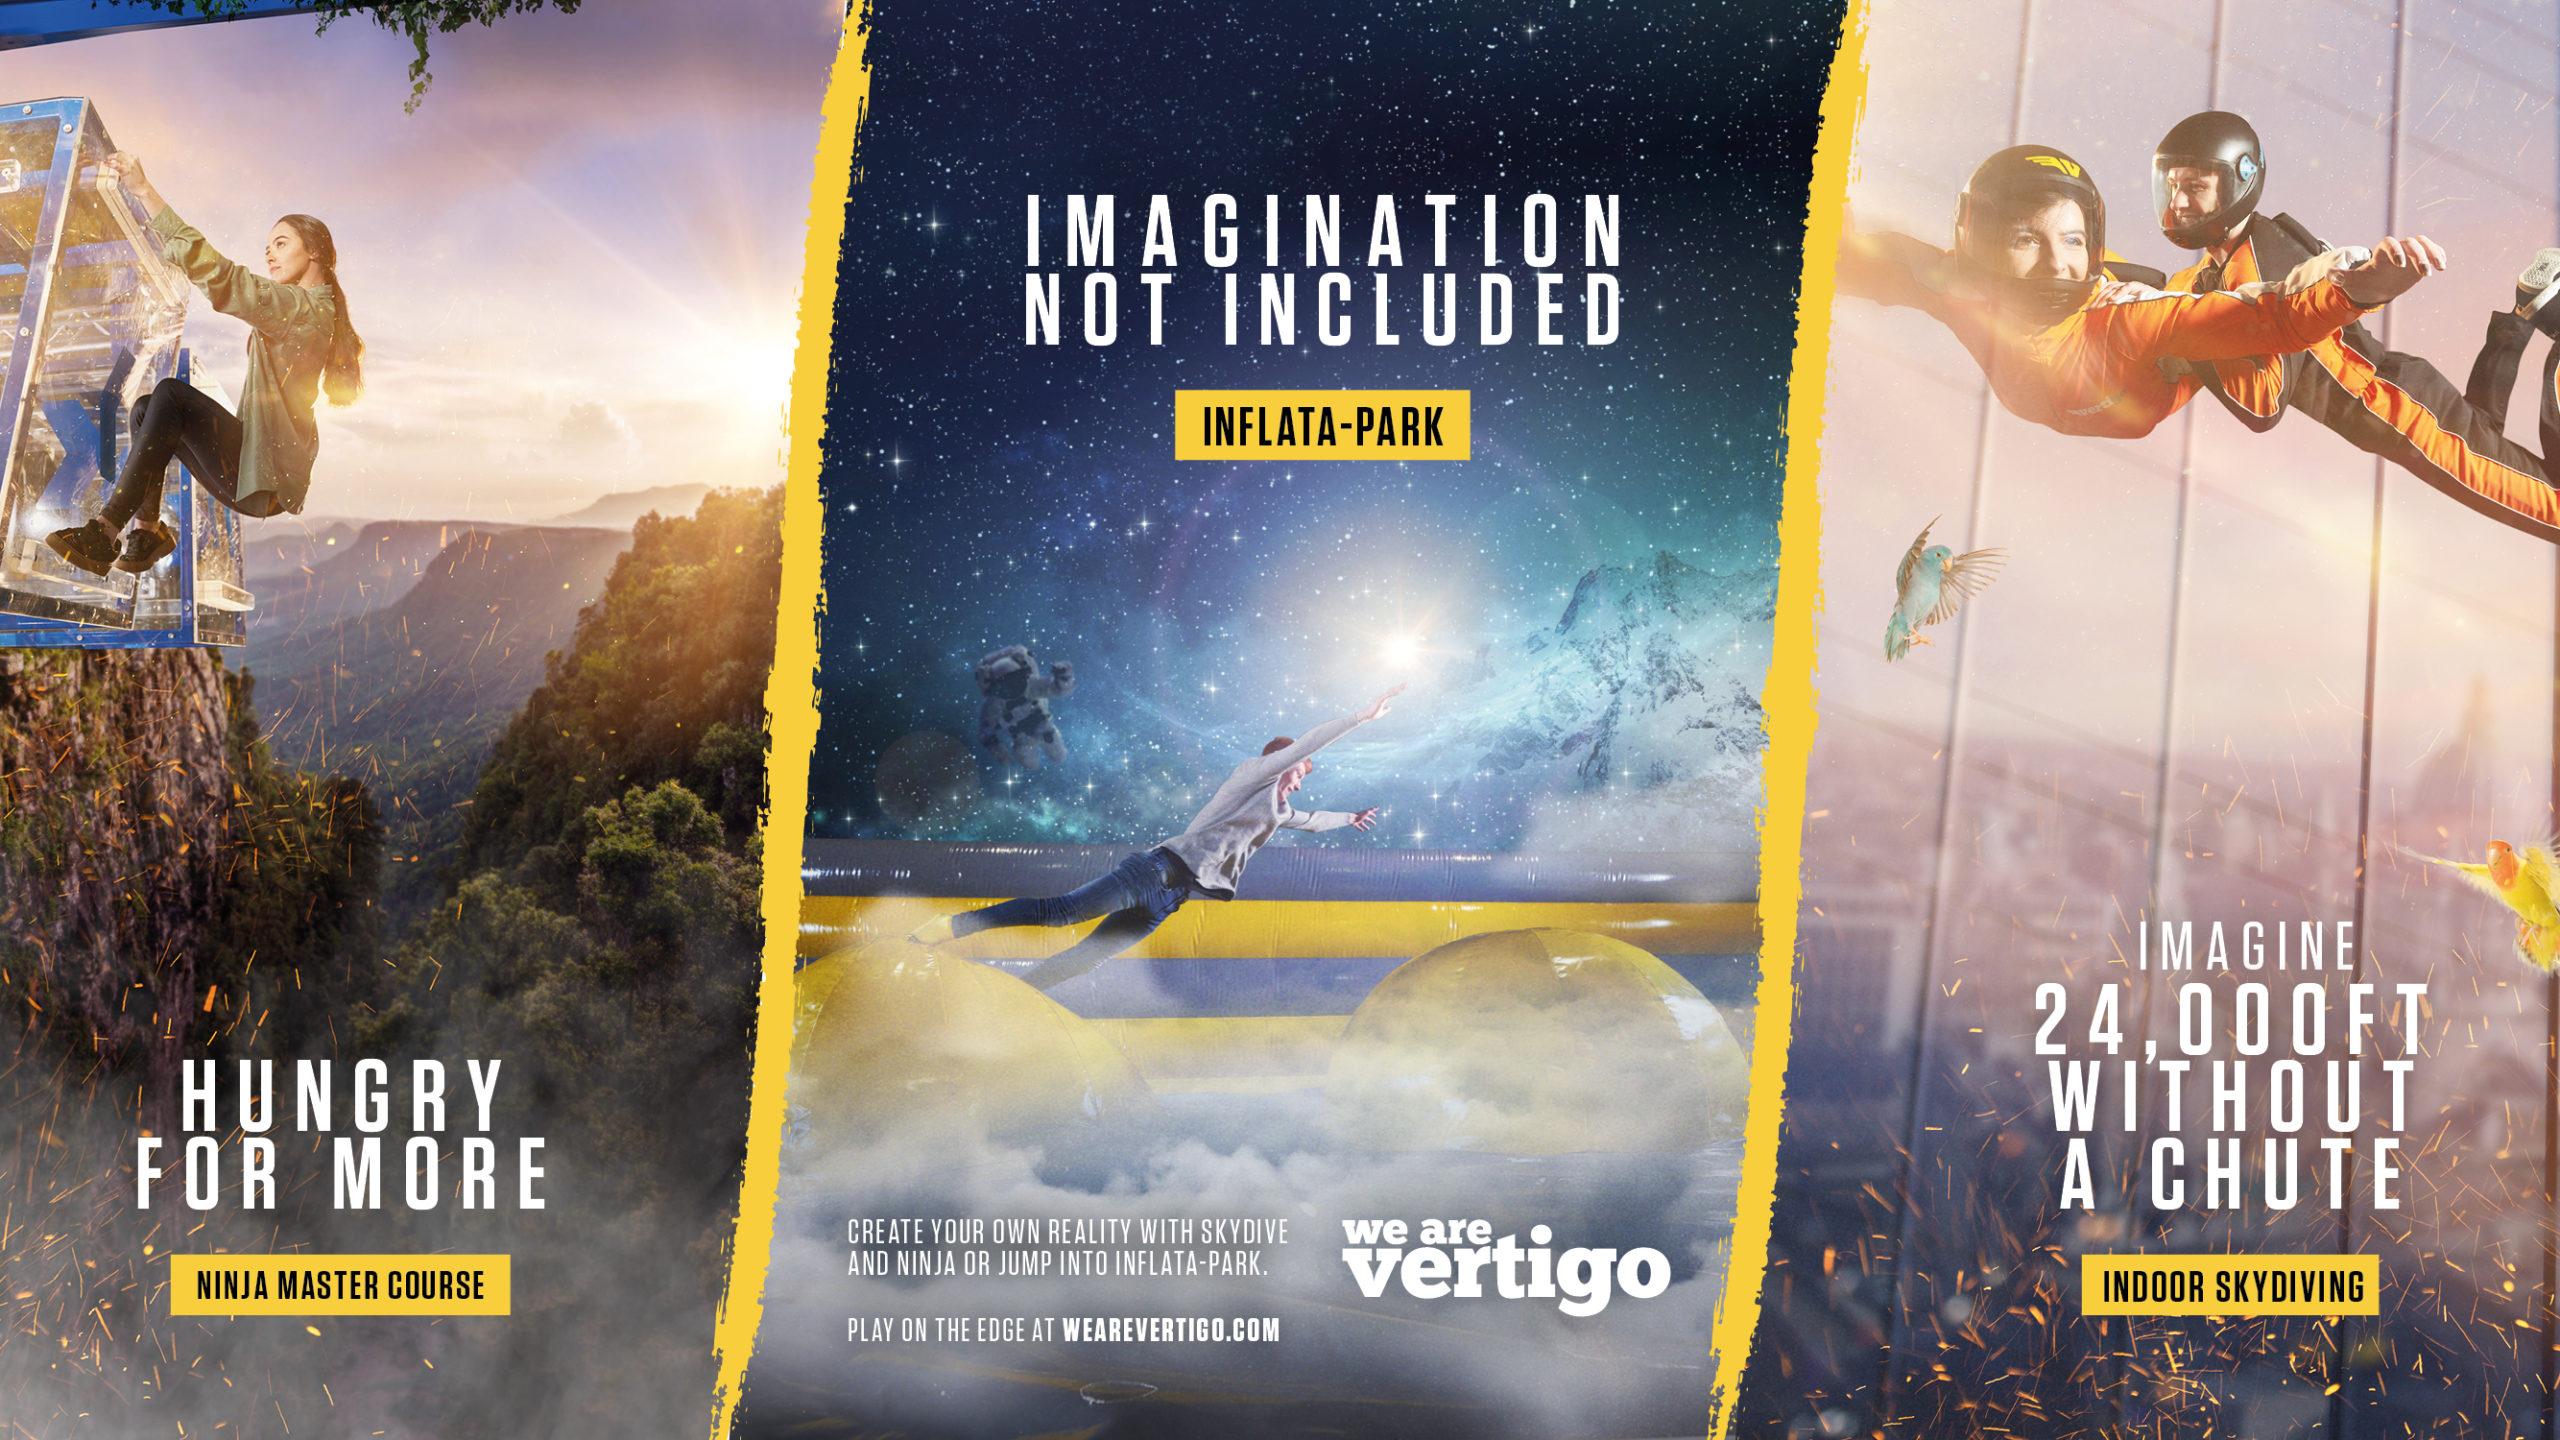 We Are Vertigo Creative